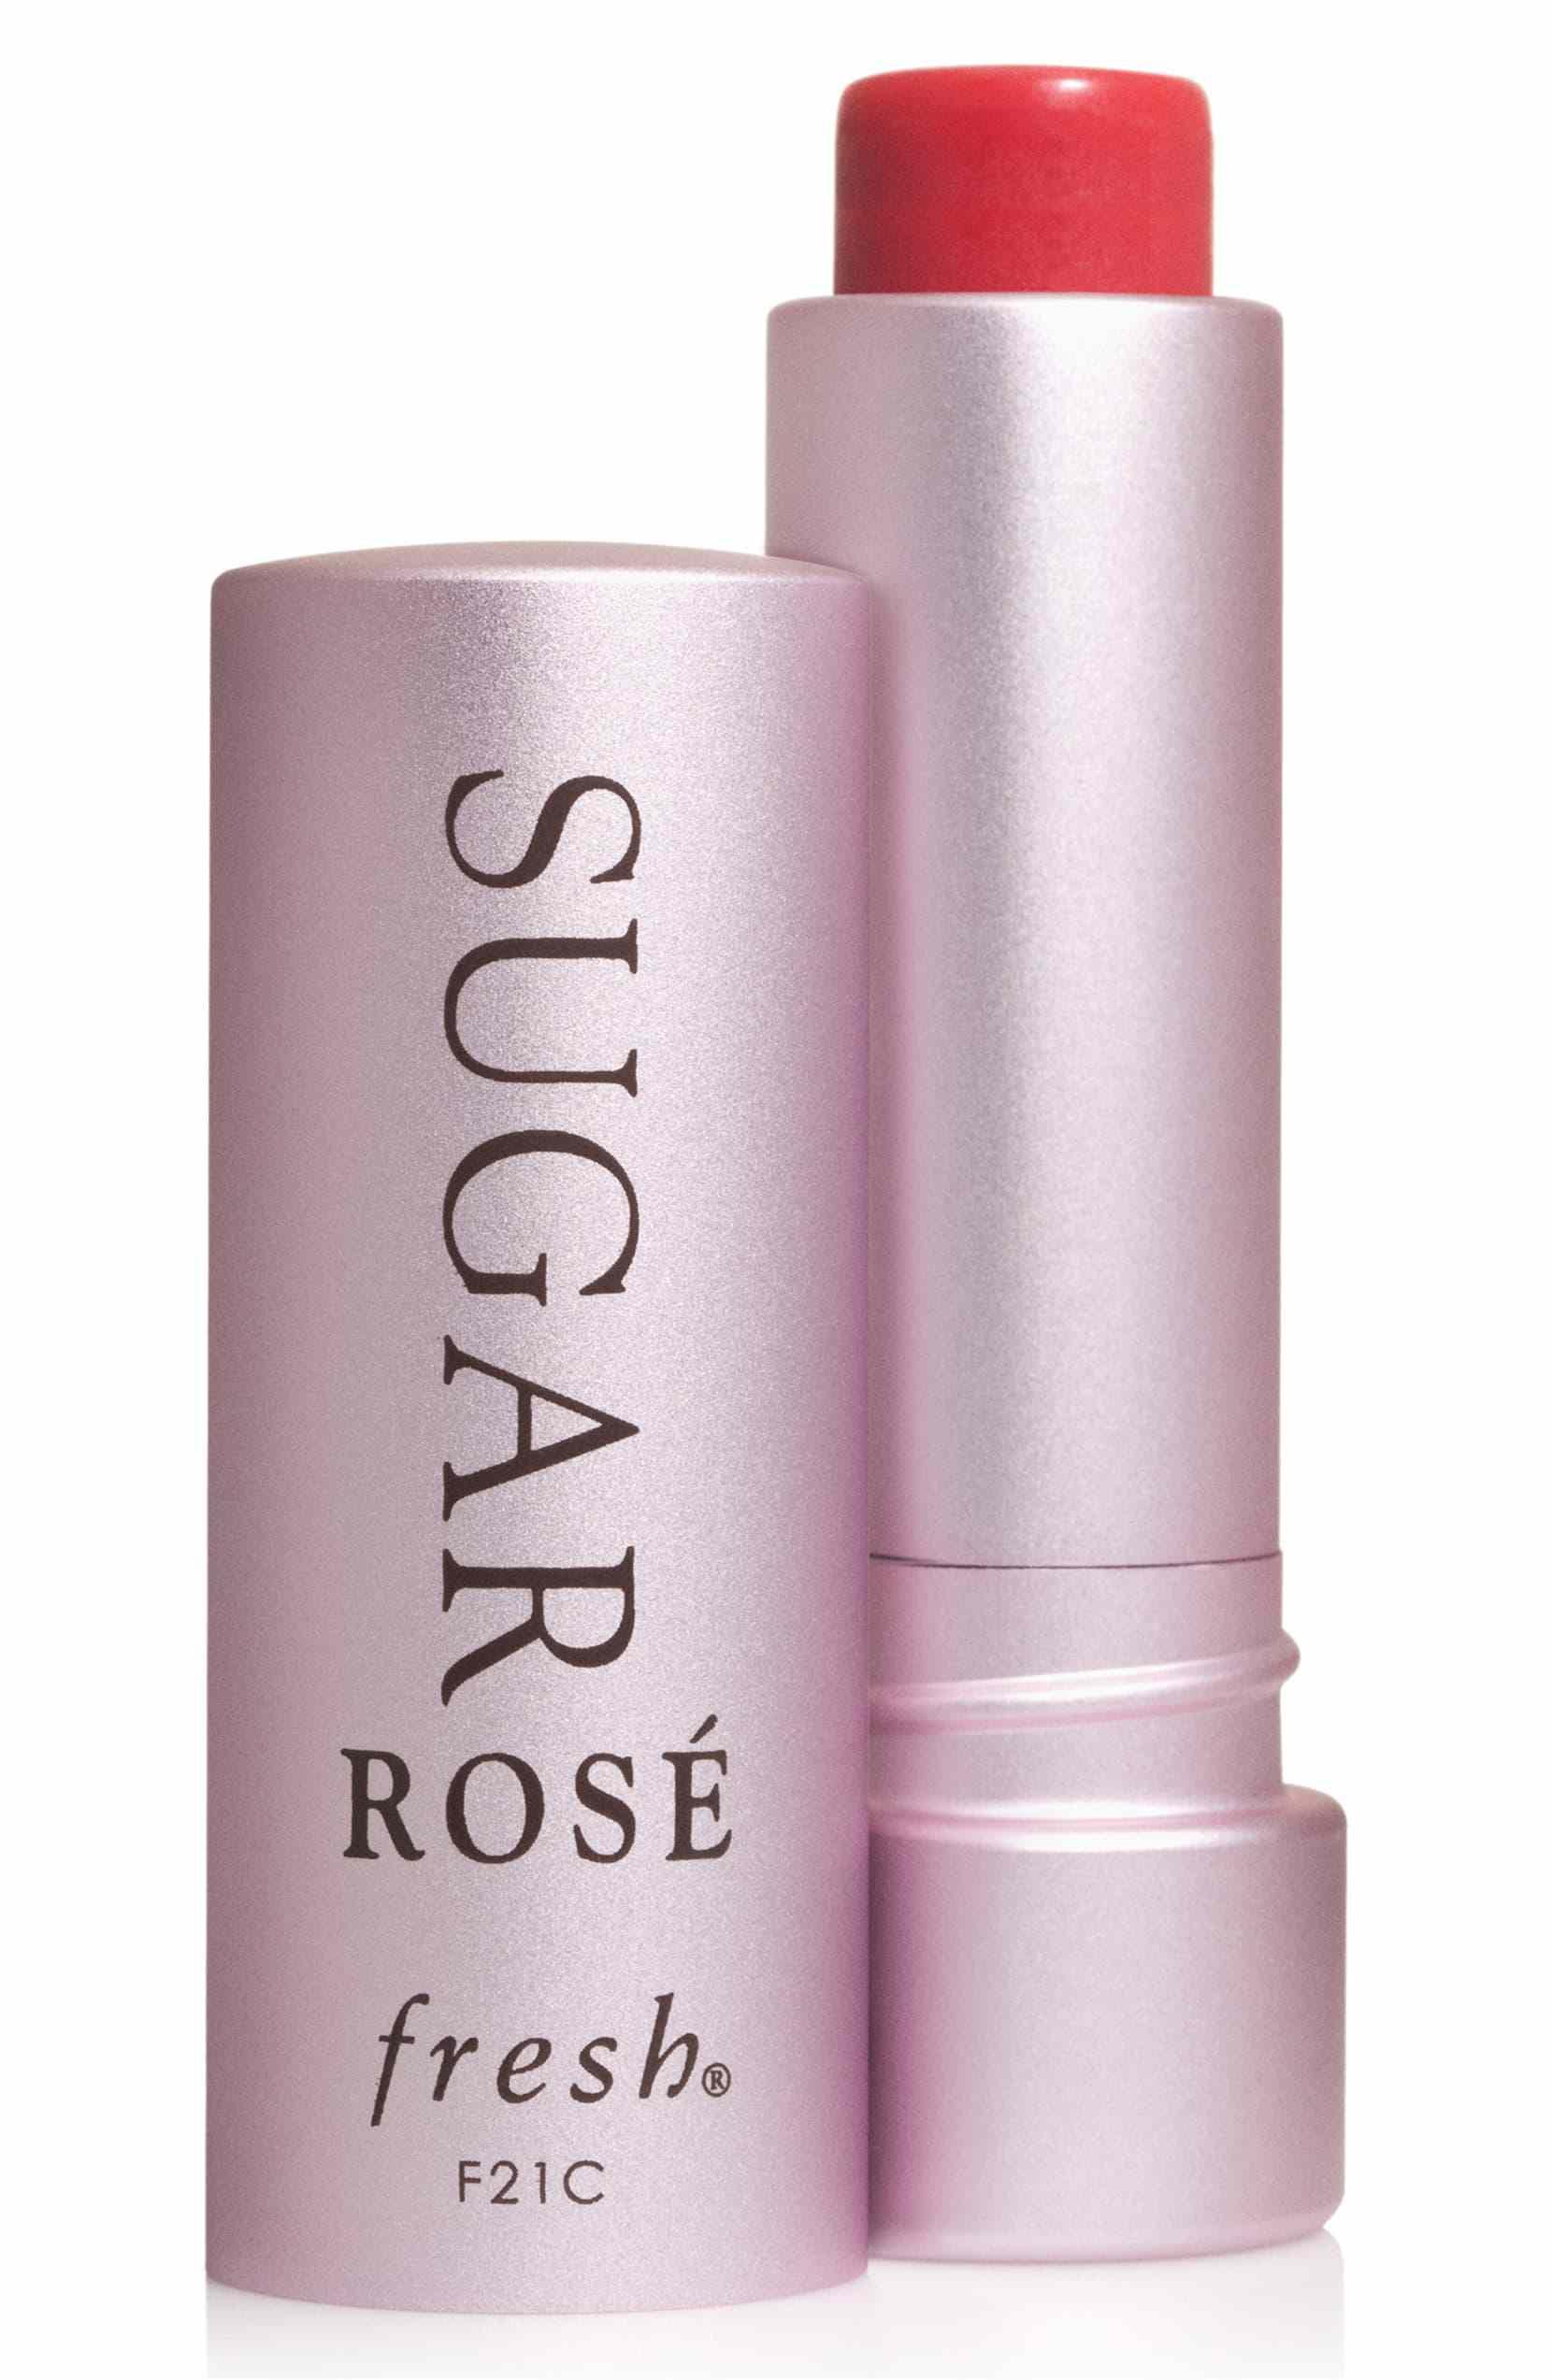 Sugar Lip Treatment Sunscreen SPF 15 in Sugar Rosé Tinted